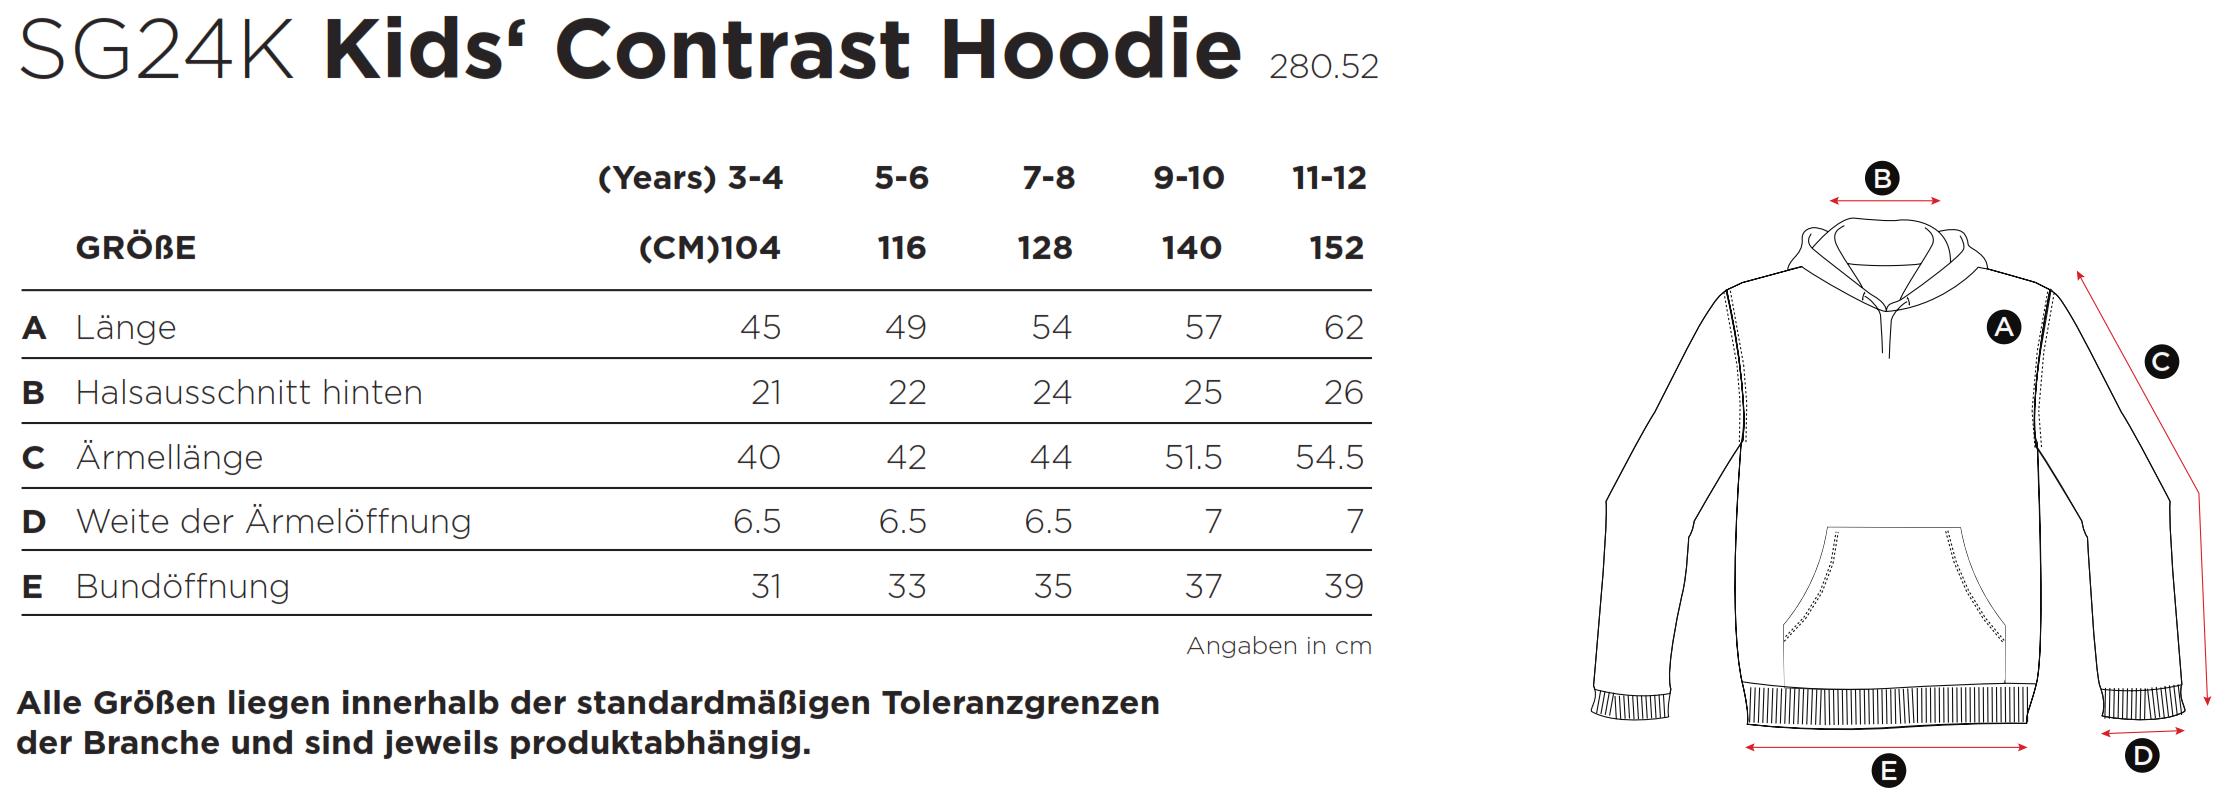 SG: Kids` Contrast Hoodie SG24K